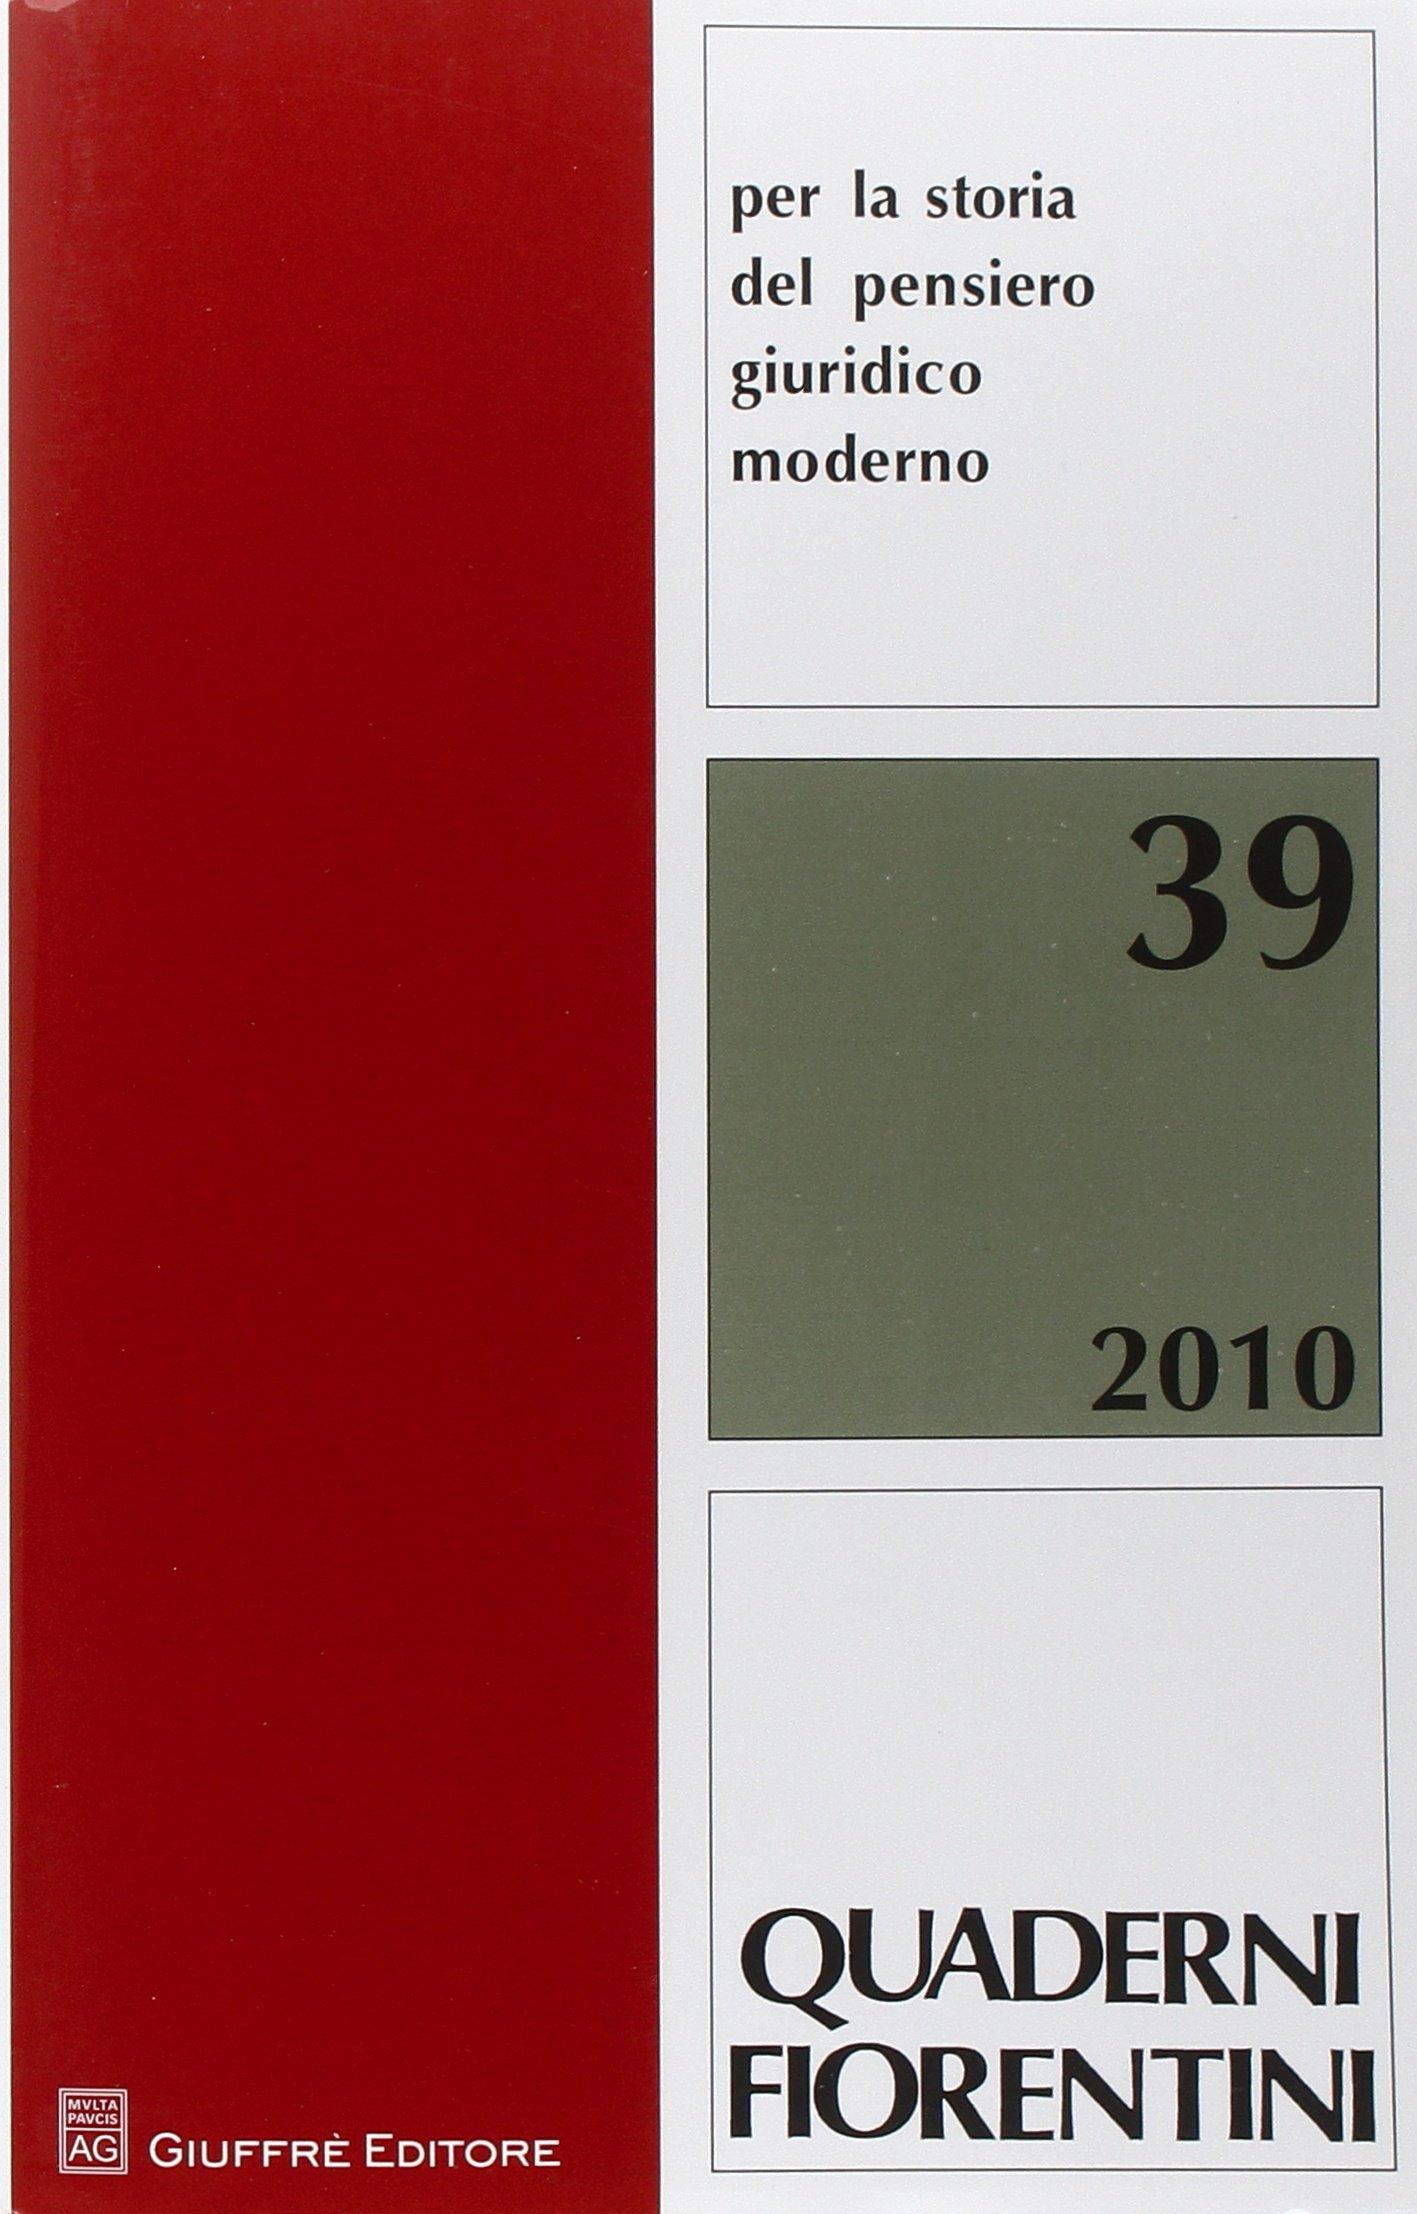 Quaderni fiorentini : per la storia del pensiero giuridico moderno